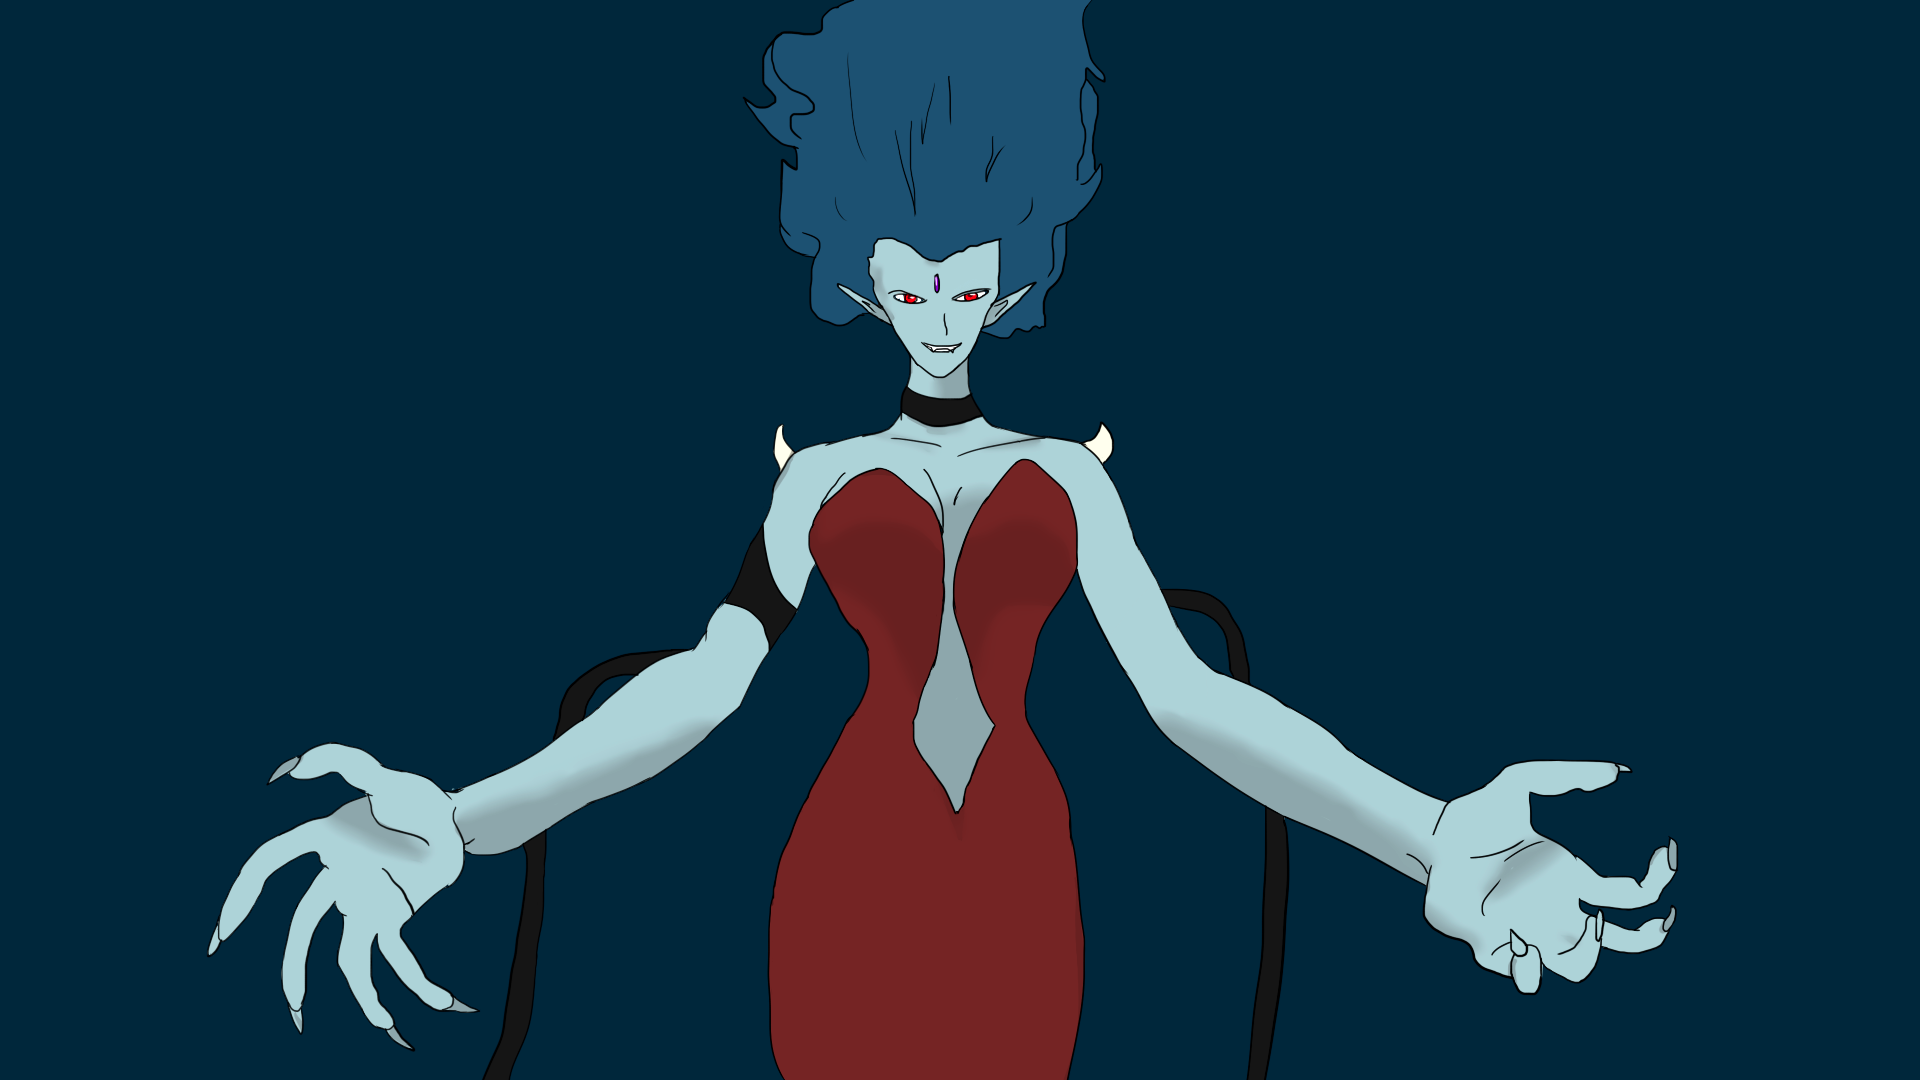 Queen Metallia 2 by SonKitty